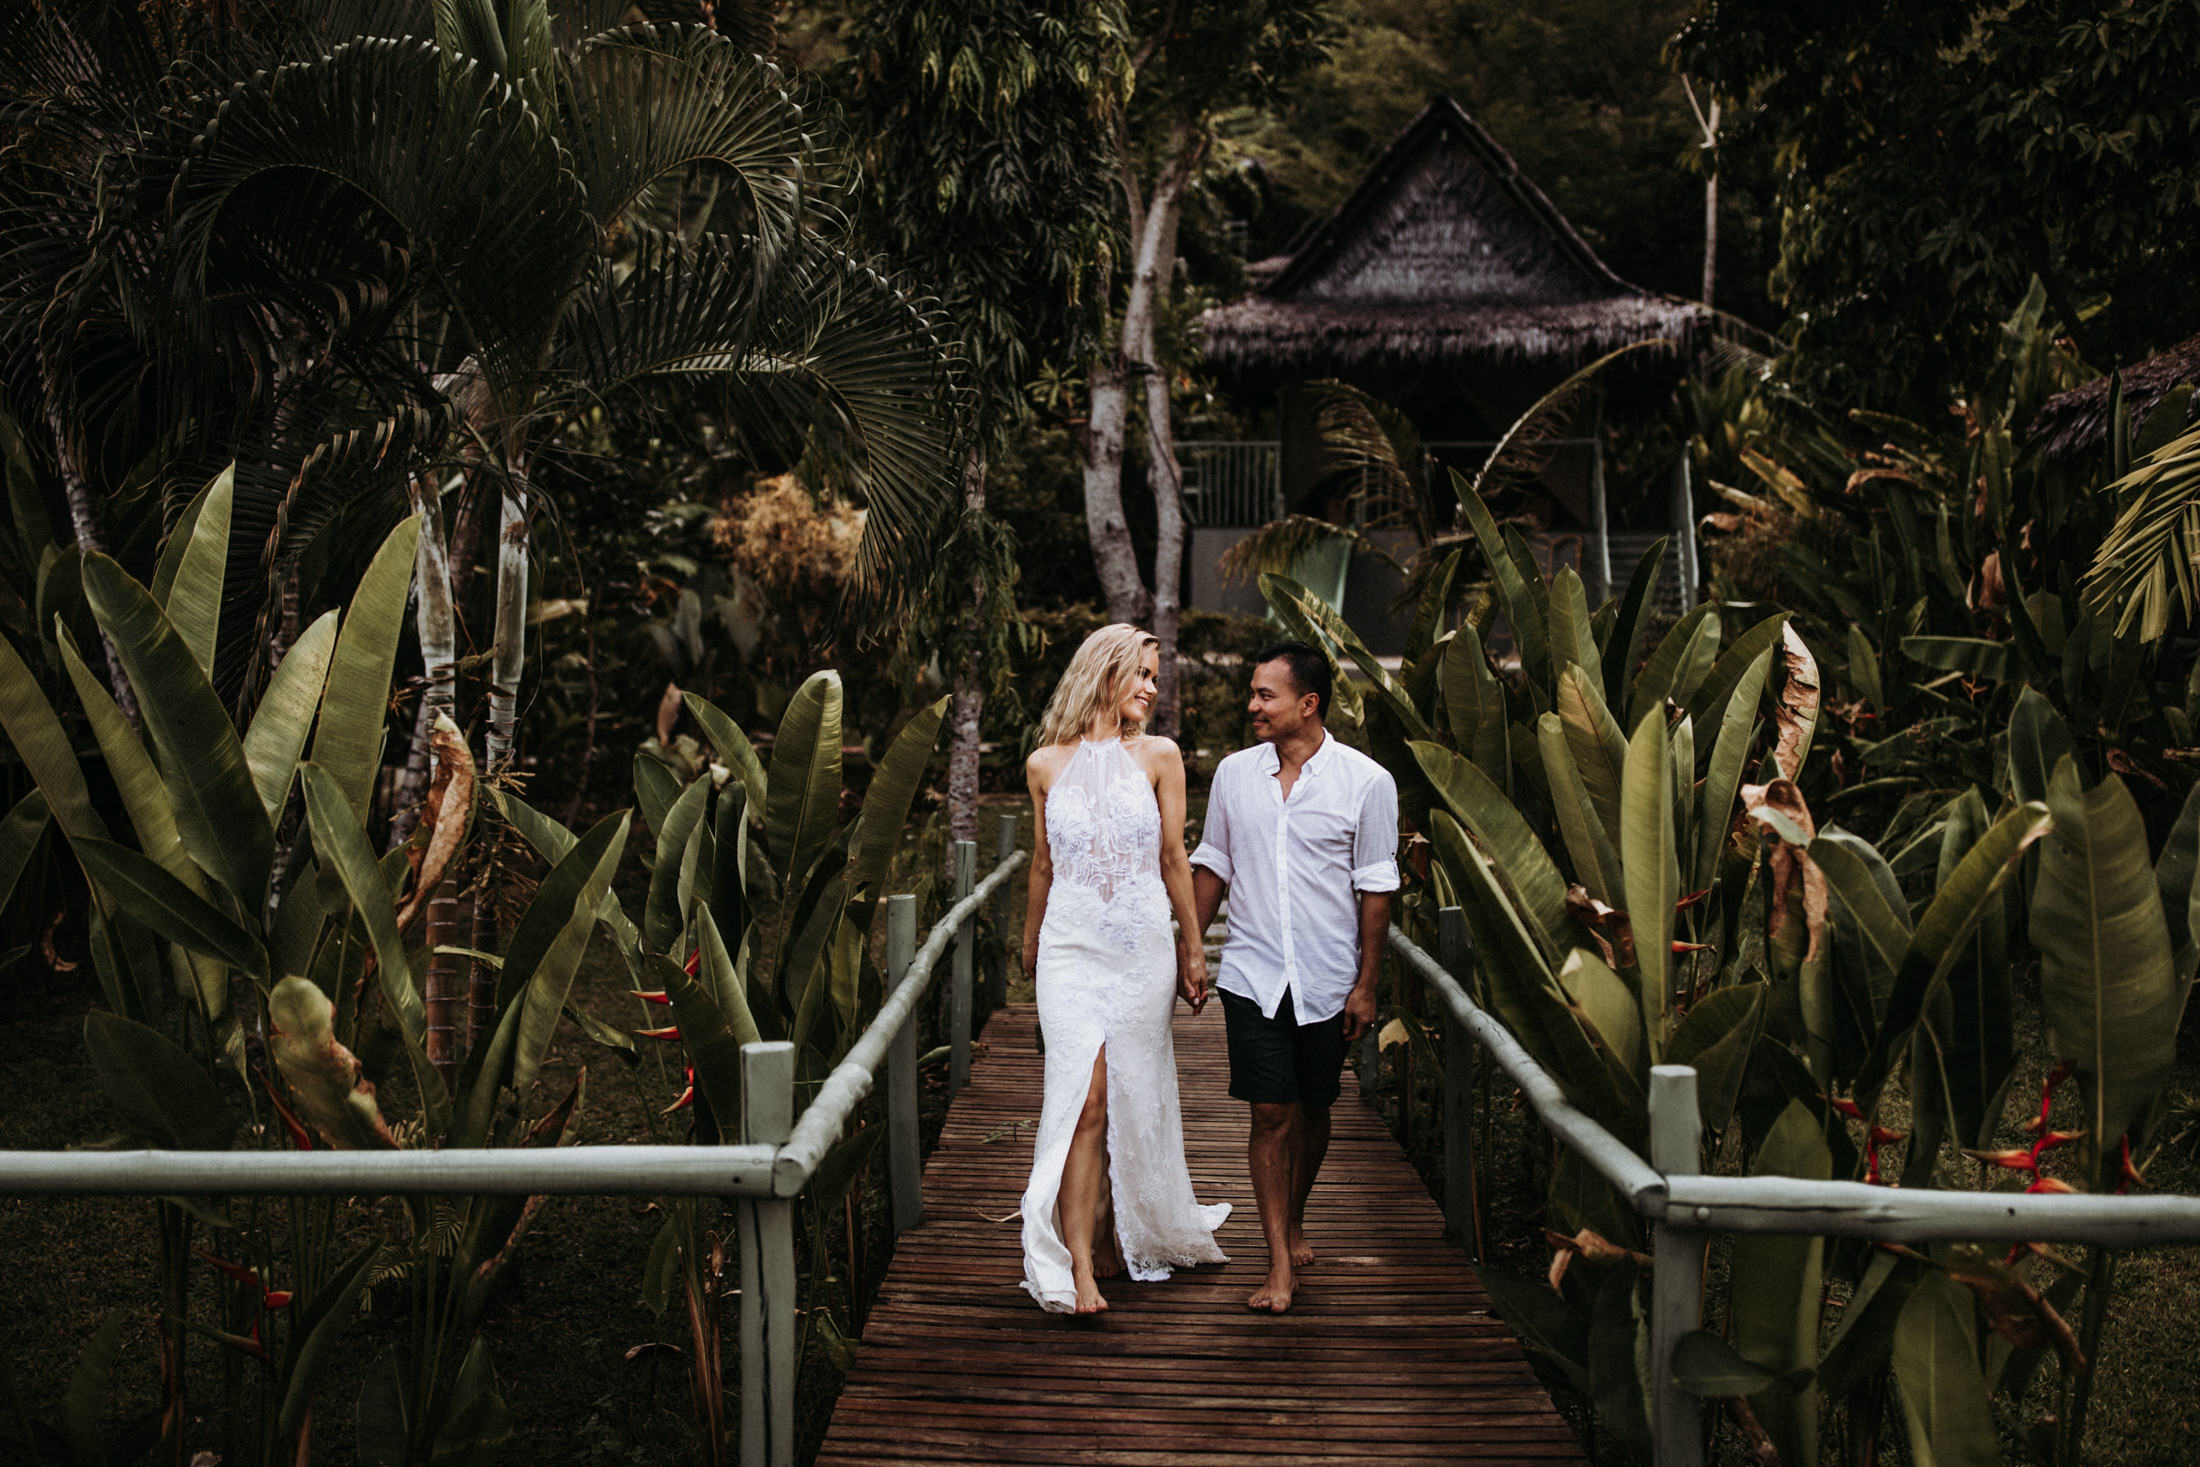 DanielaMarquardt_Wedding_Thailand_488